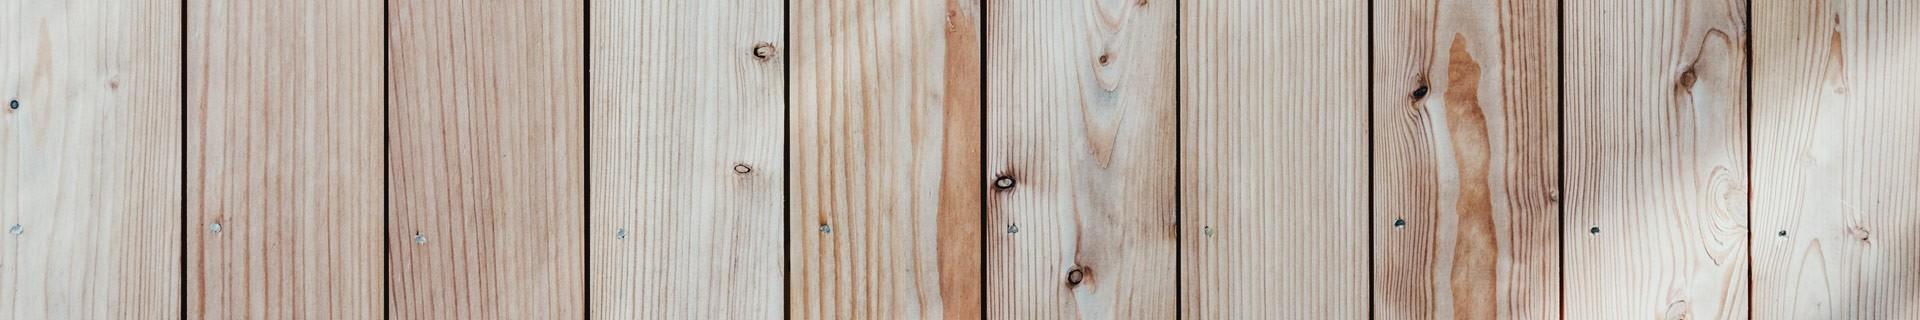 Artículos de madera